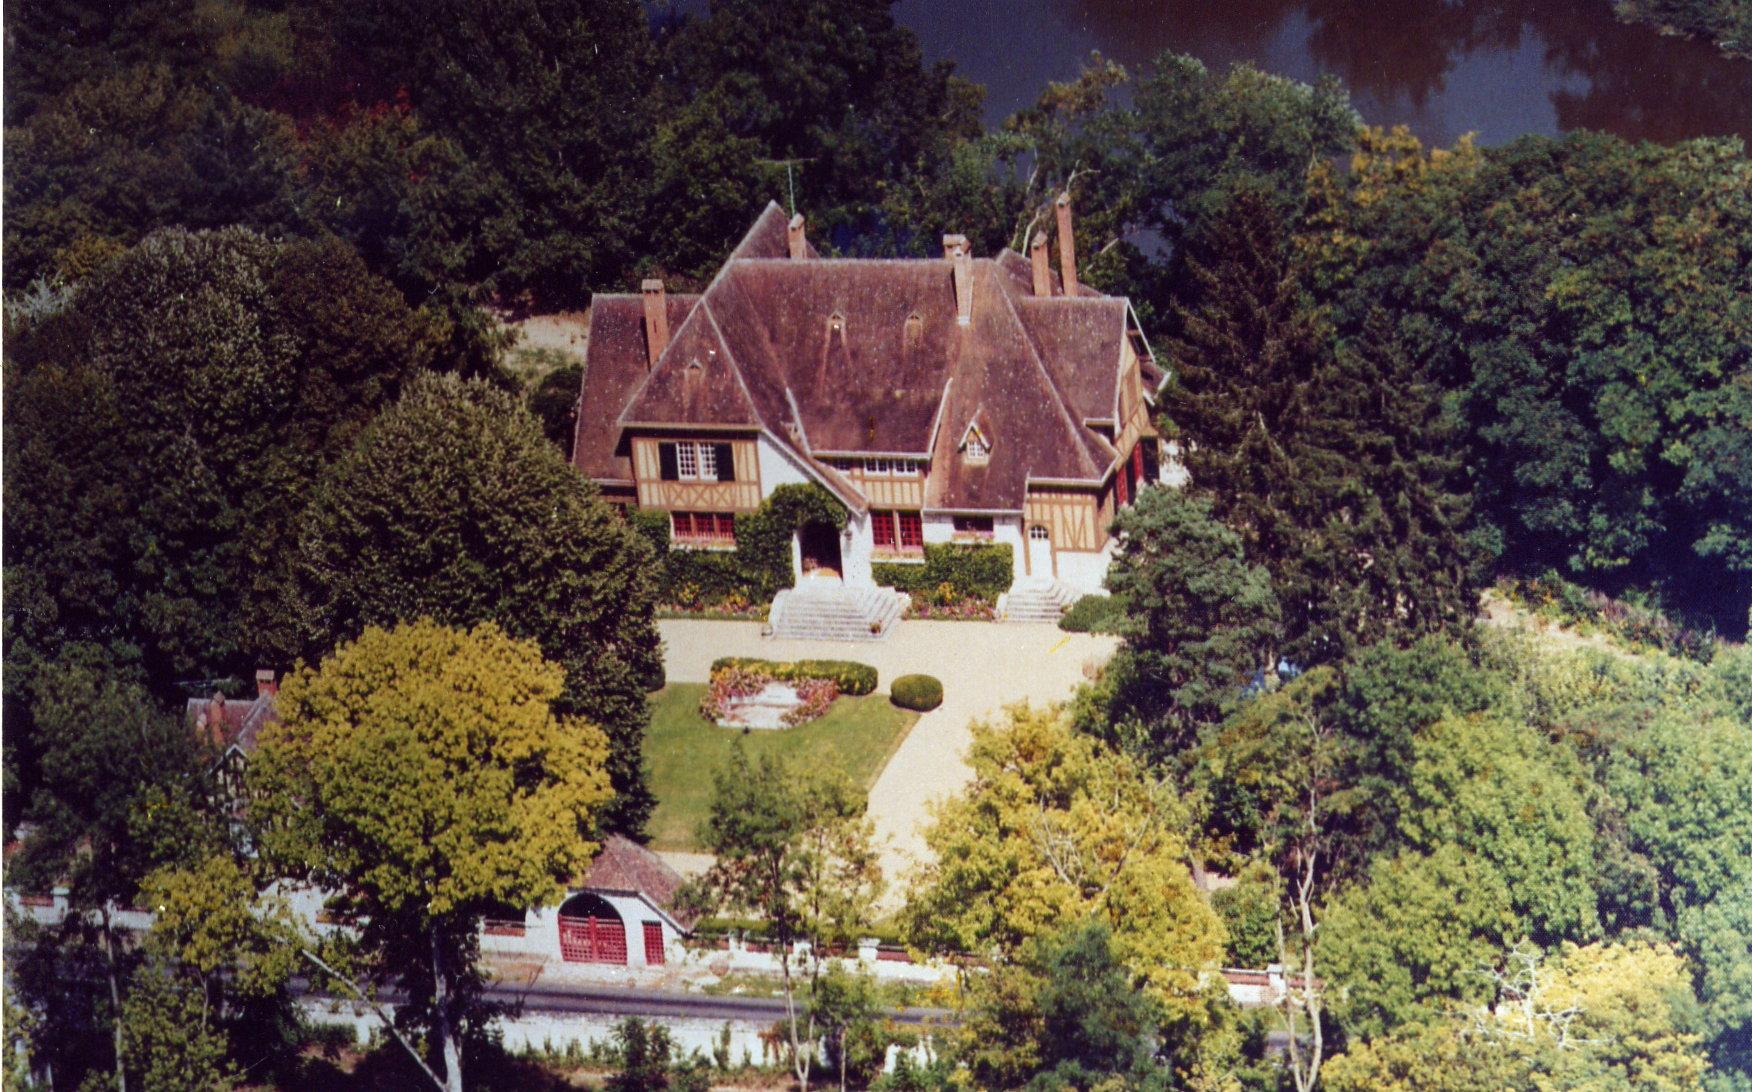 Le clos dassault val de cher saint aignan for Chambre d hote 41110 saint aignan